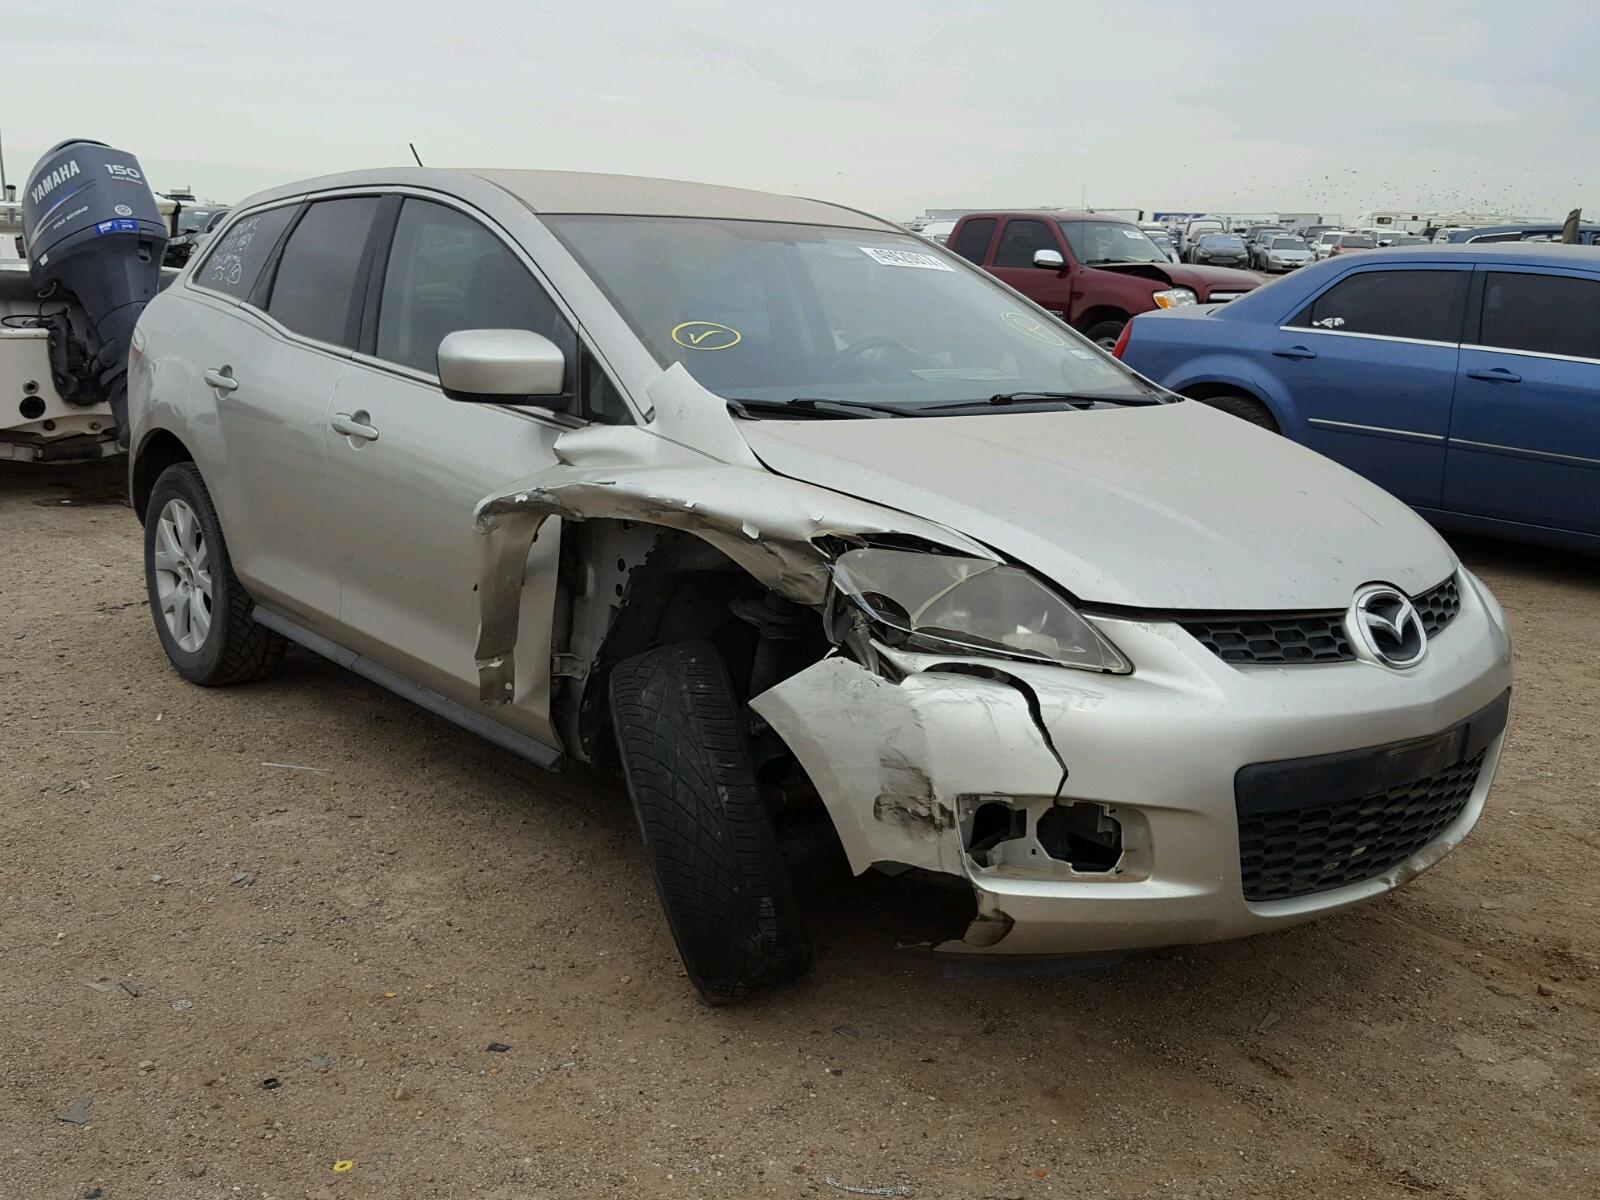 Auto Auction Ended On Vin Jm3ke4dyxg0708484 2016 Mazda Cx 5 In Co Denver